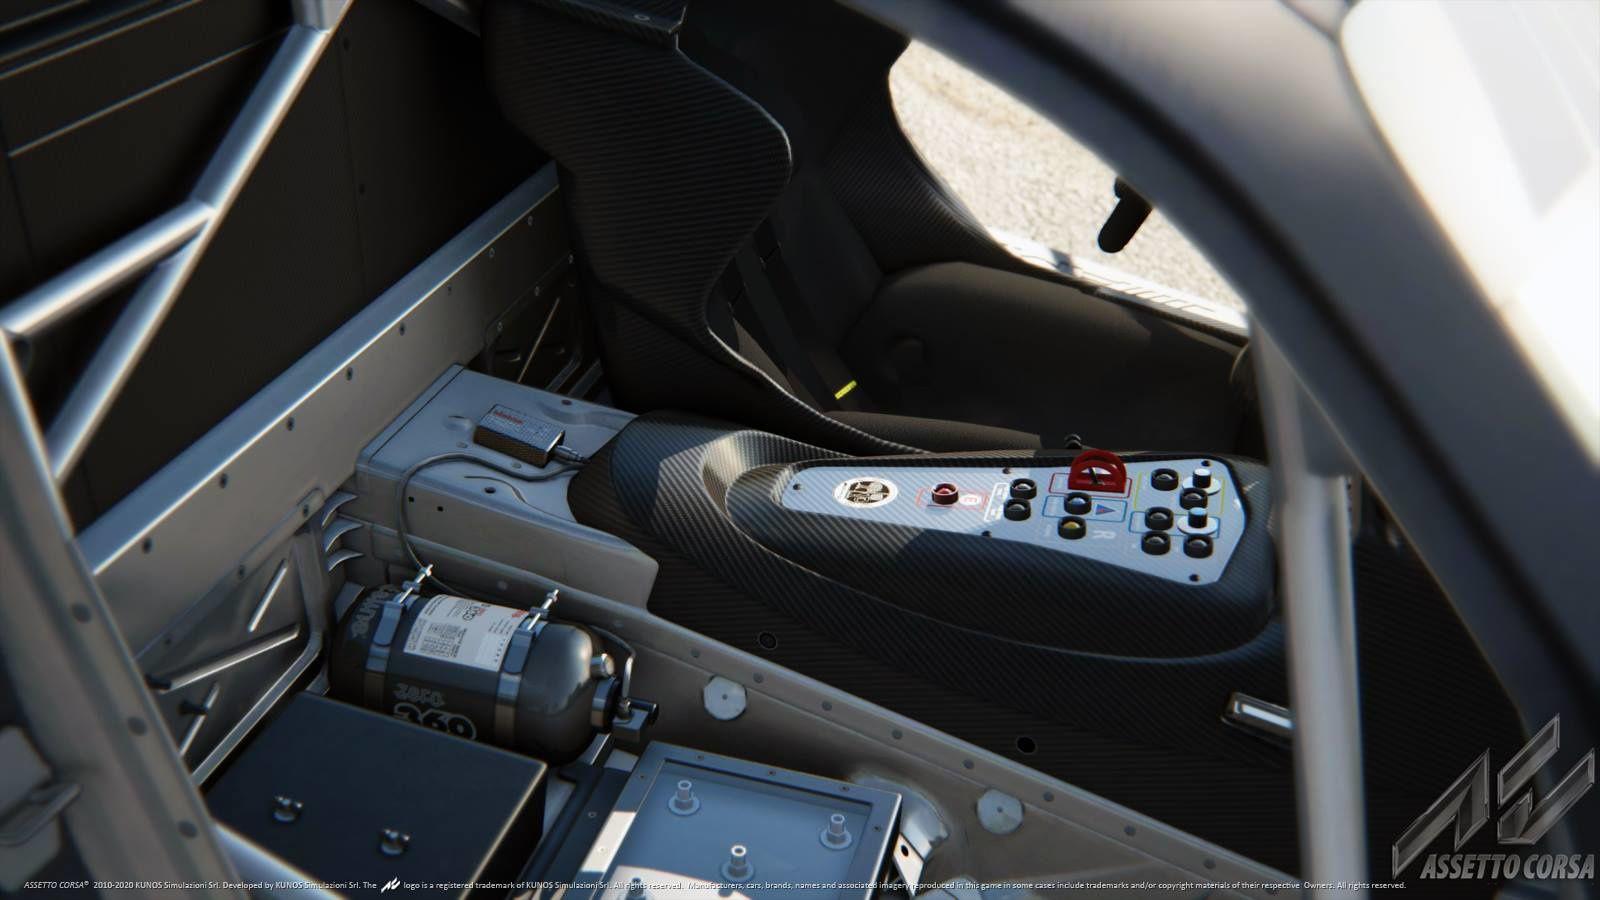 Assetto Corsa : une image de la Mercedes AMG GT3